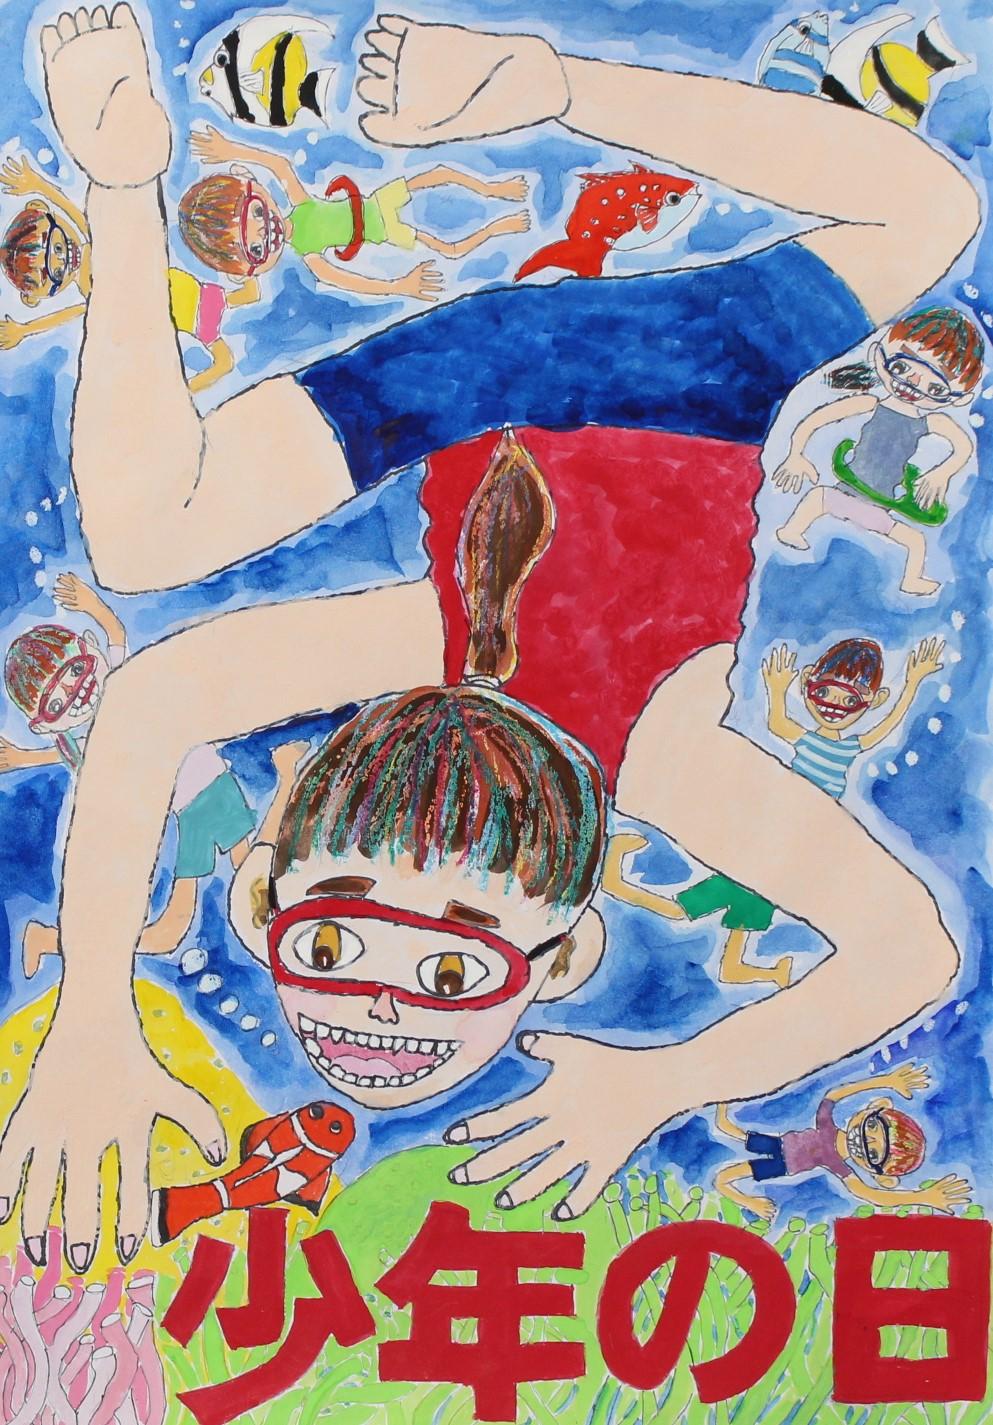 最優秀賞-日南市立飫肥小学校 5年 濱﨑 月乃(はまさき つきの)さん